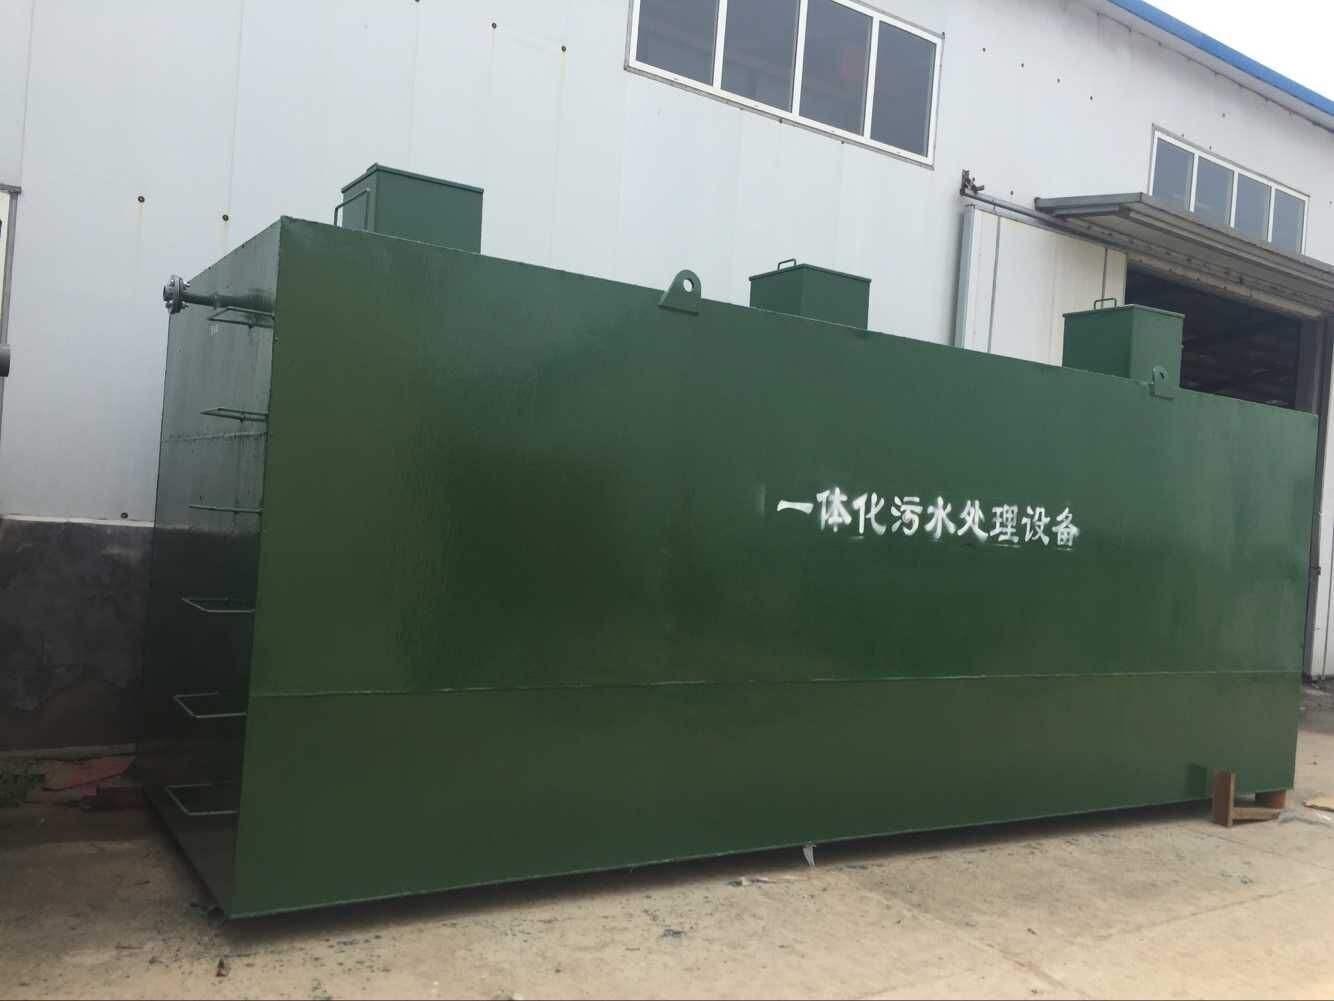 污水处理厂竣工试运行方案